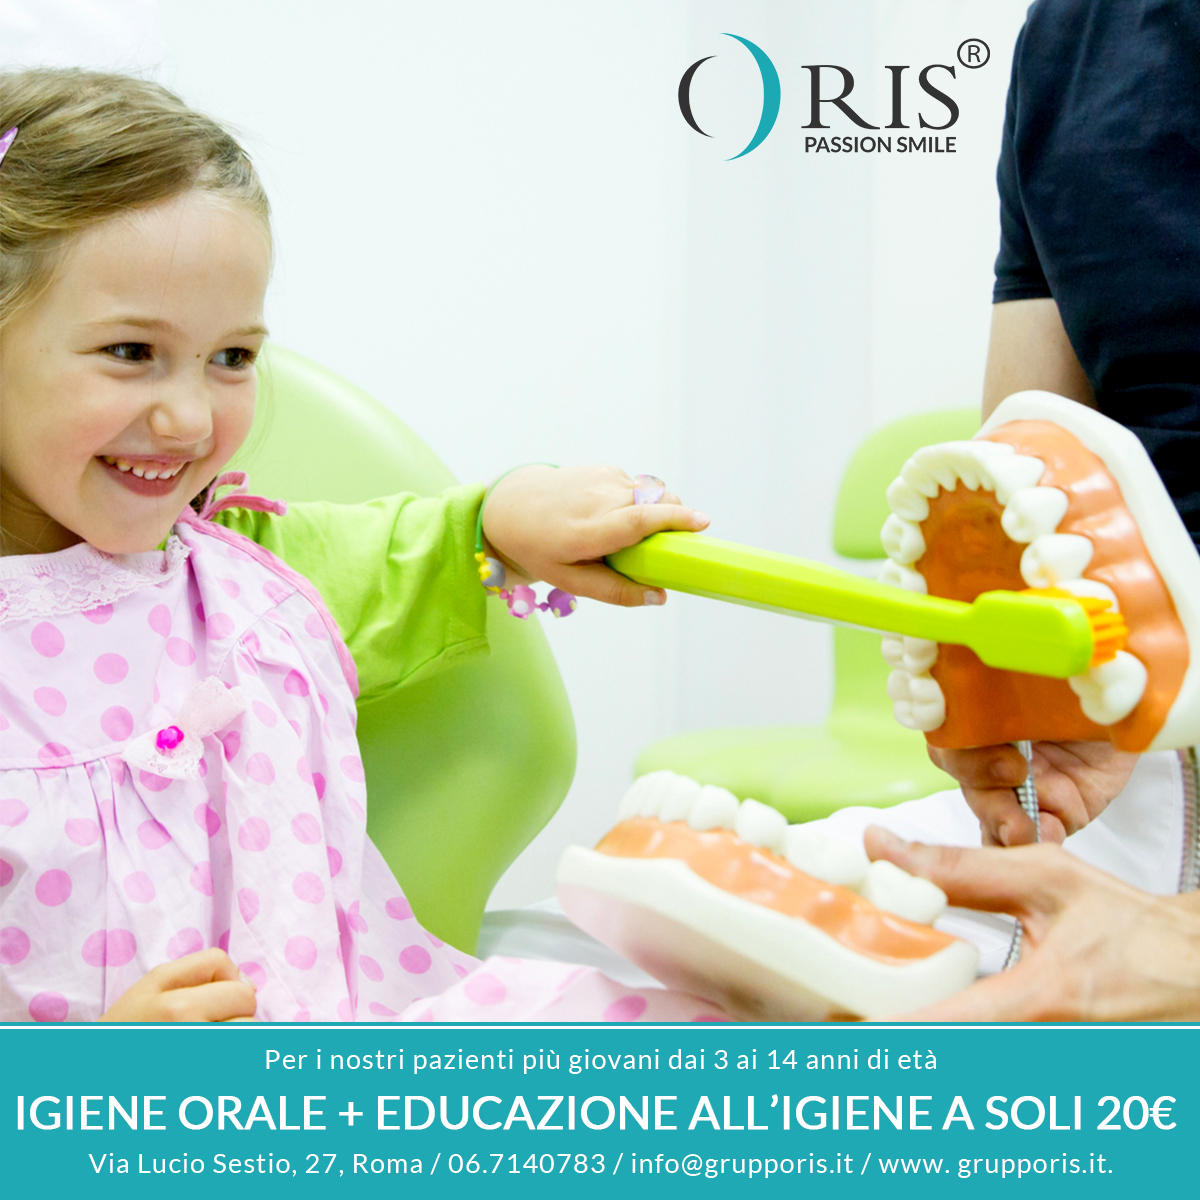 Igiene orale + educazione igiene domiciliare